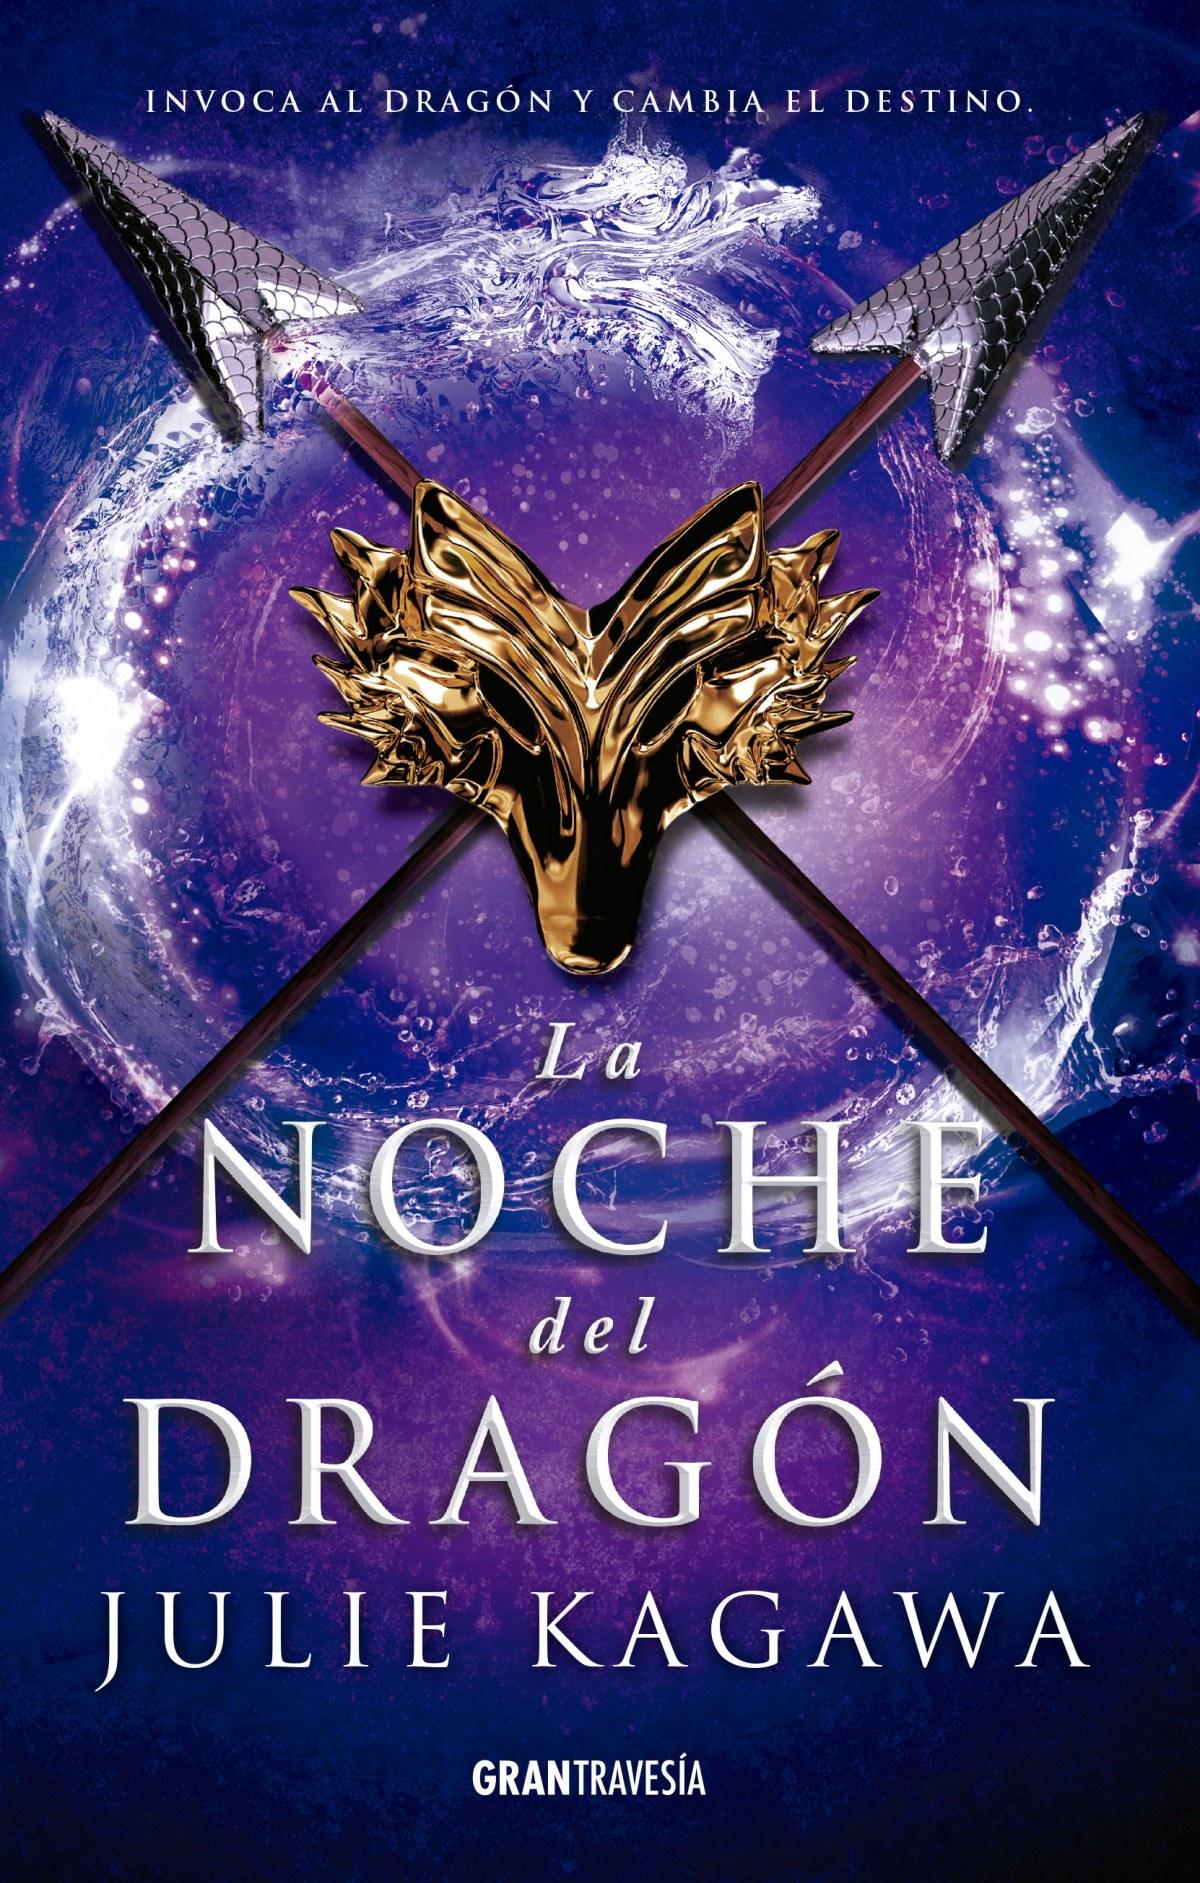 La noche del dragón